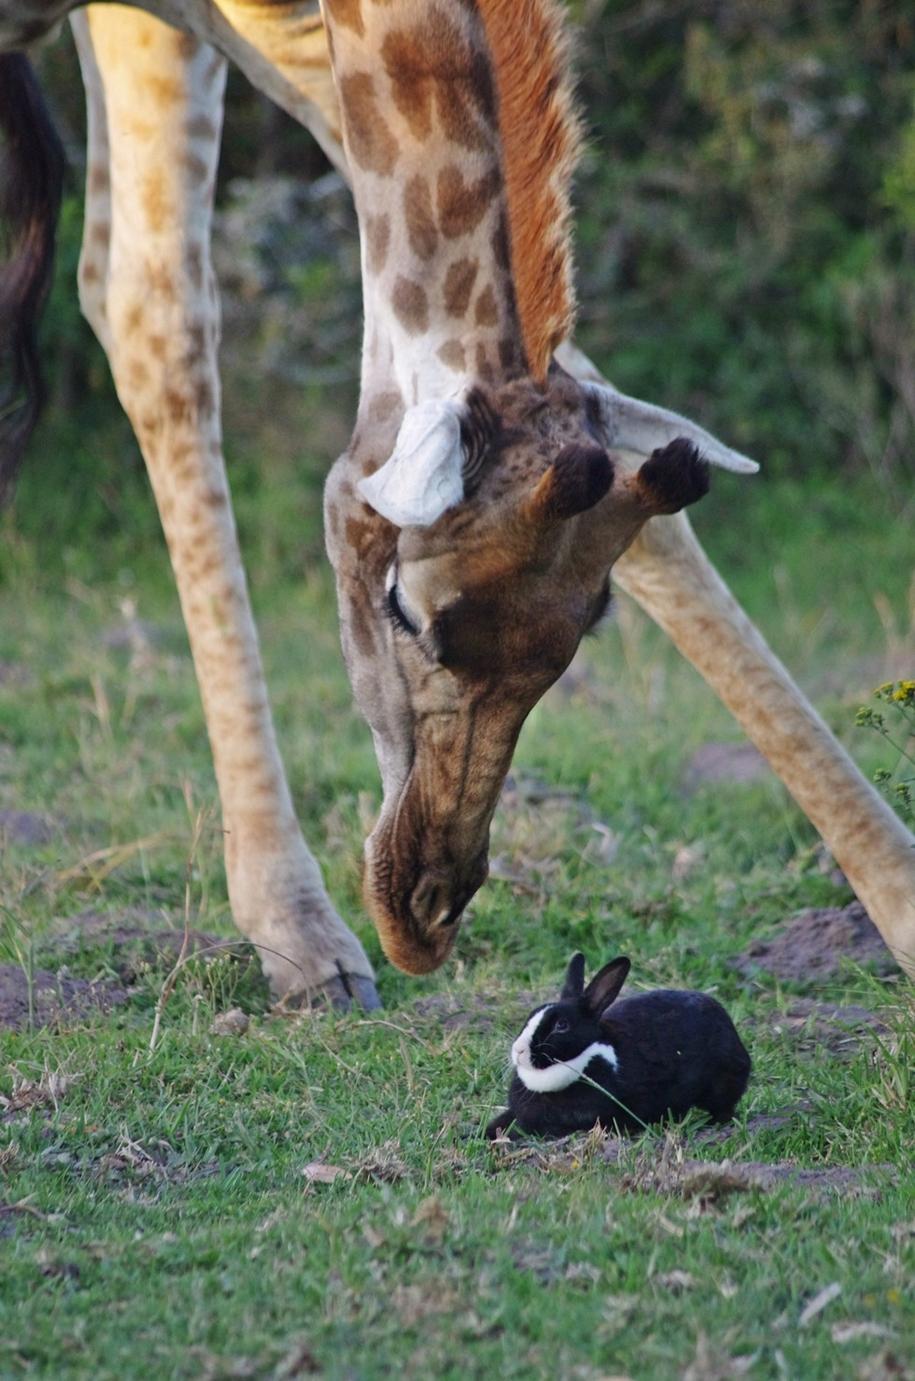 the-oddest-couple-of-friends-a-giraffe-and-a-rabbit-05